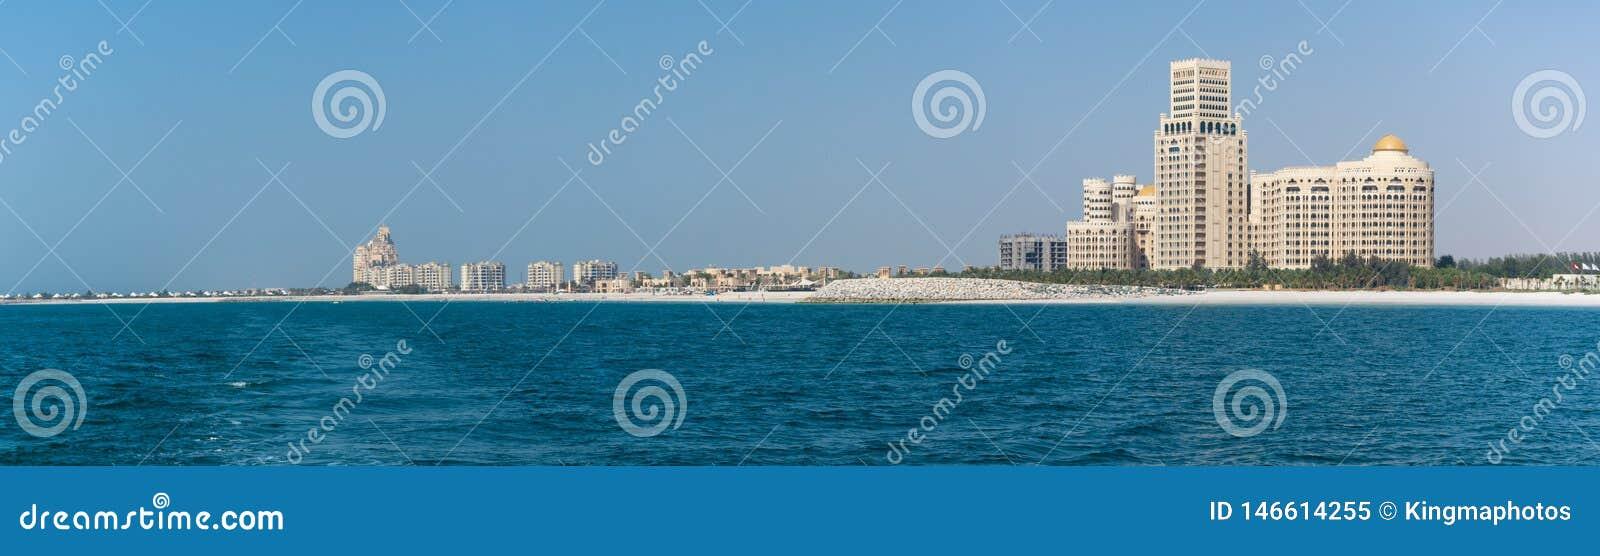 Panorama de Waldorf Astoria en Ras al Khaimah, United Arab Emirates UAE con el mar y la playa en la visión